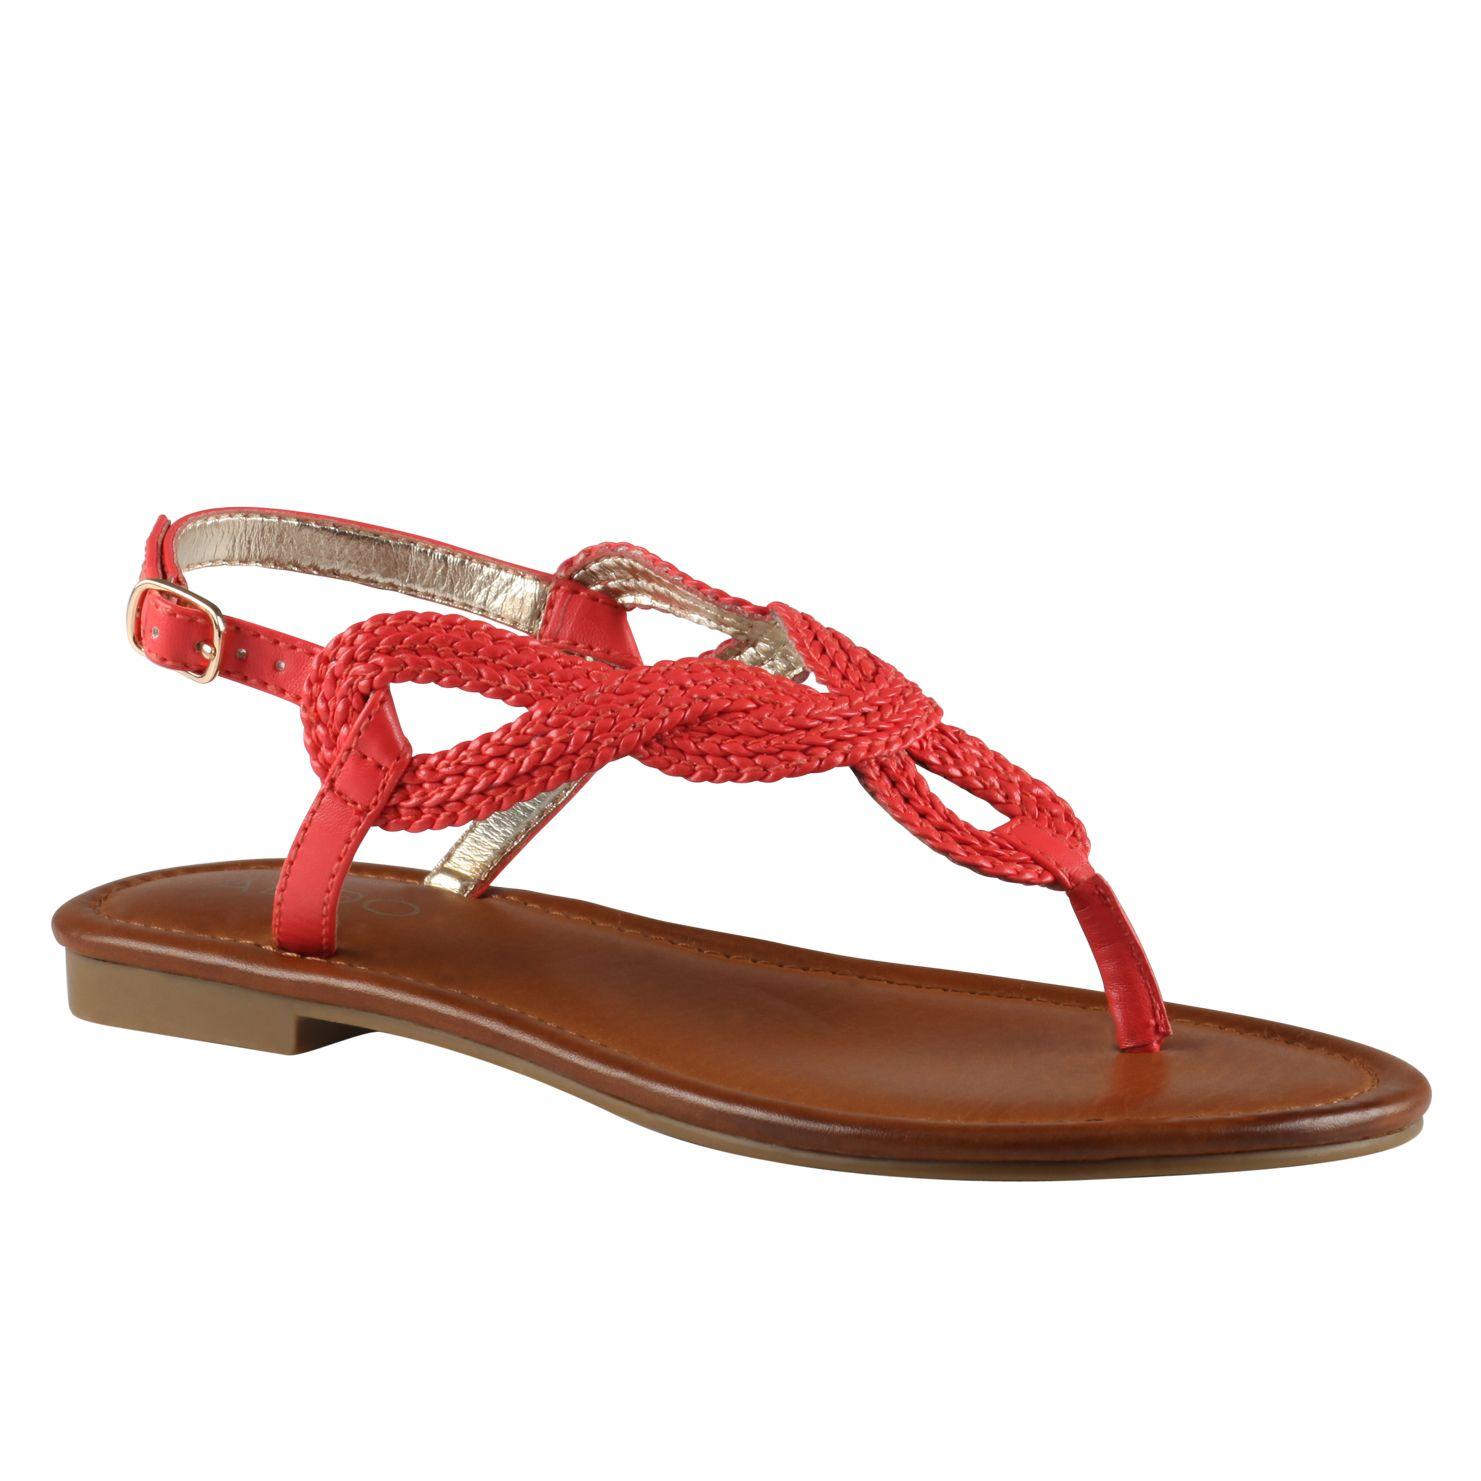 Aldo Red Shoes Canada